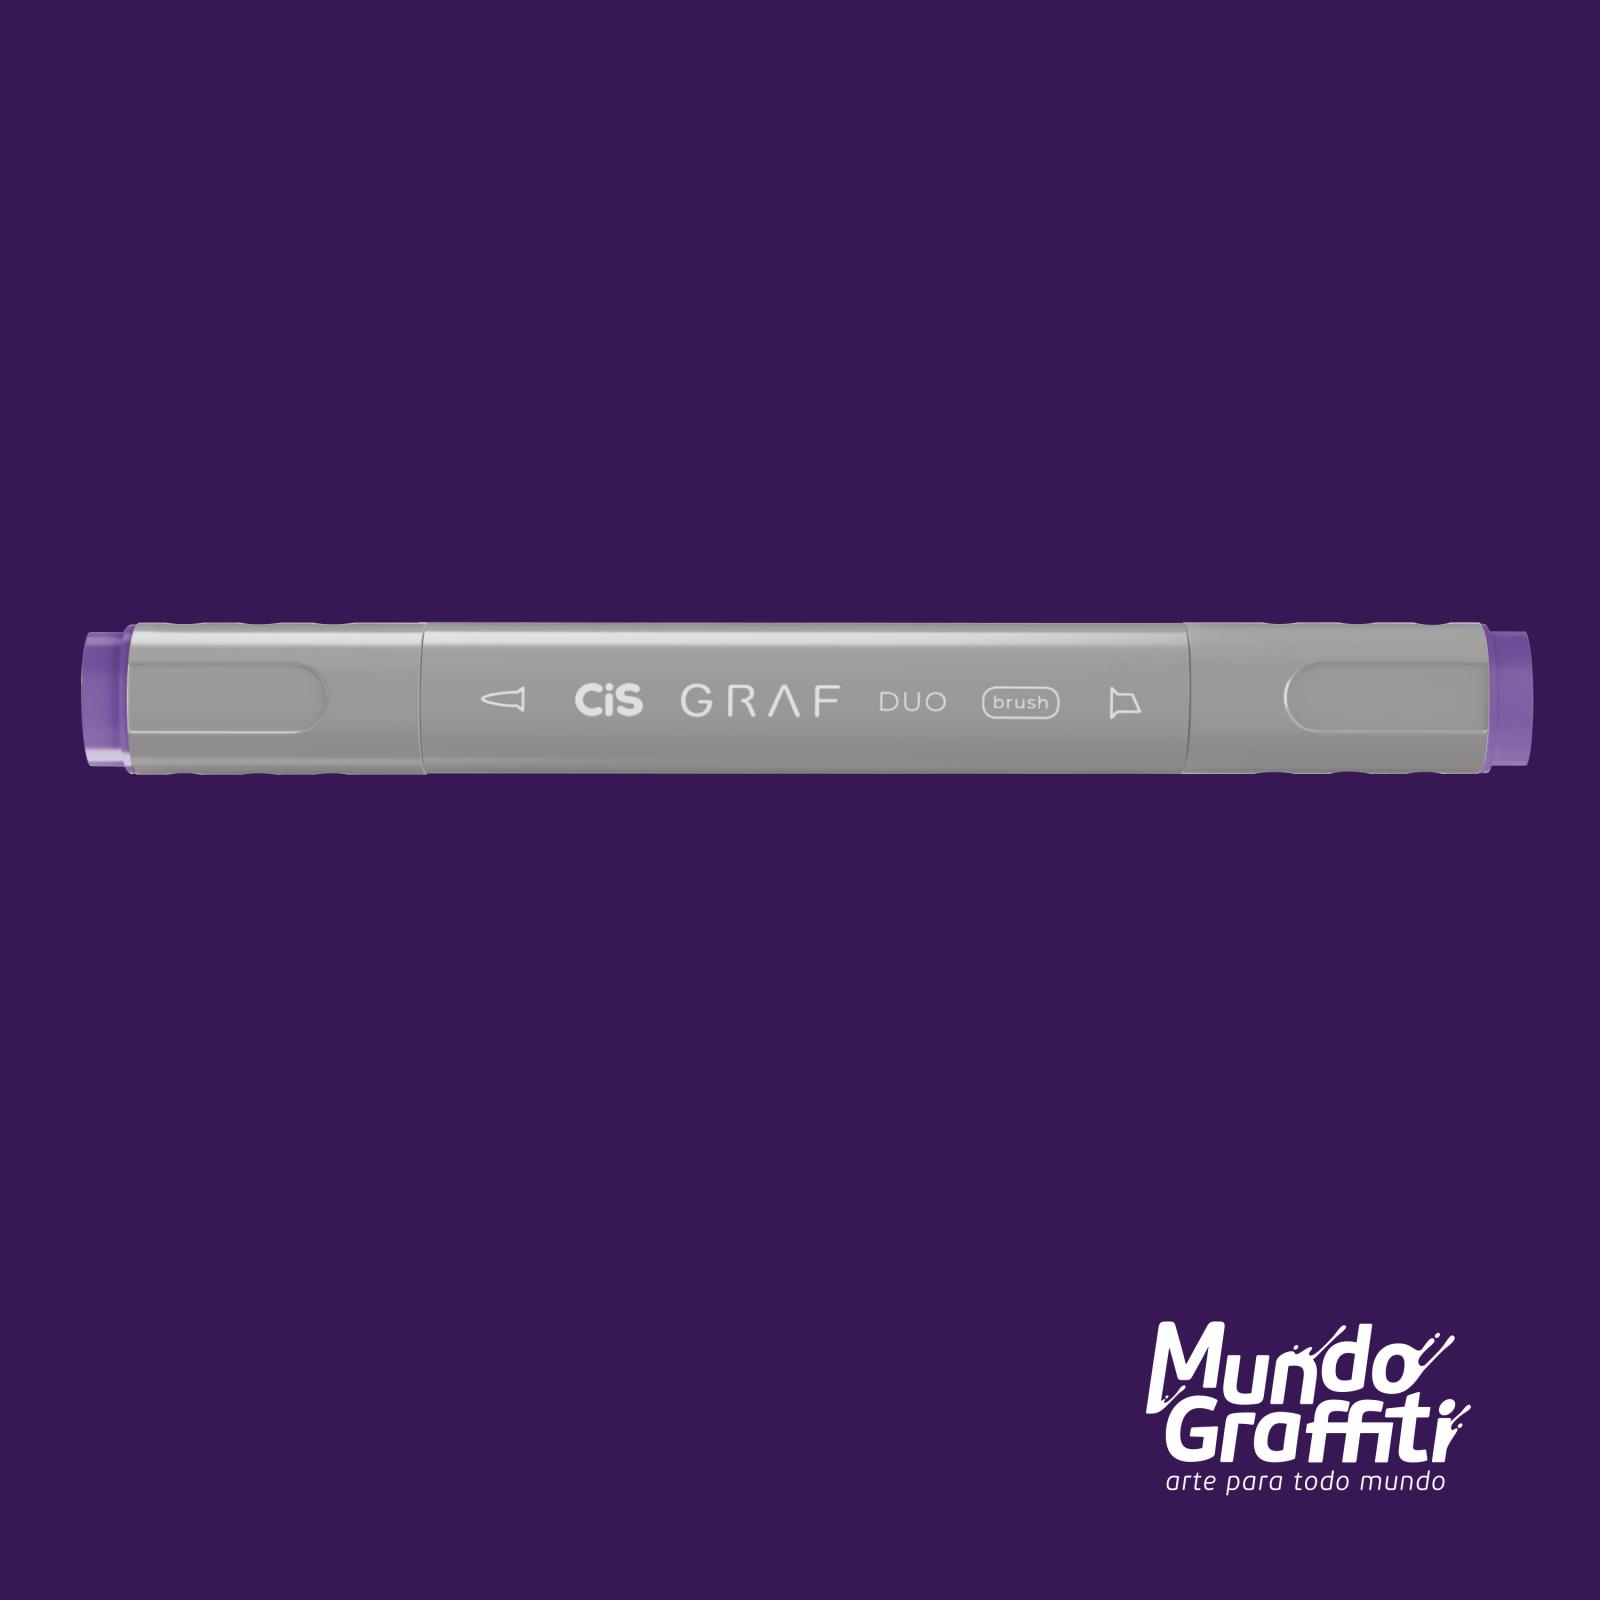 Marcador Cis Graf Duo Brush Deep Violet 81 - Mundo Graffiti